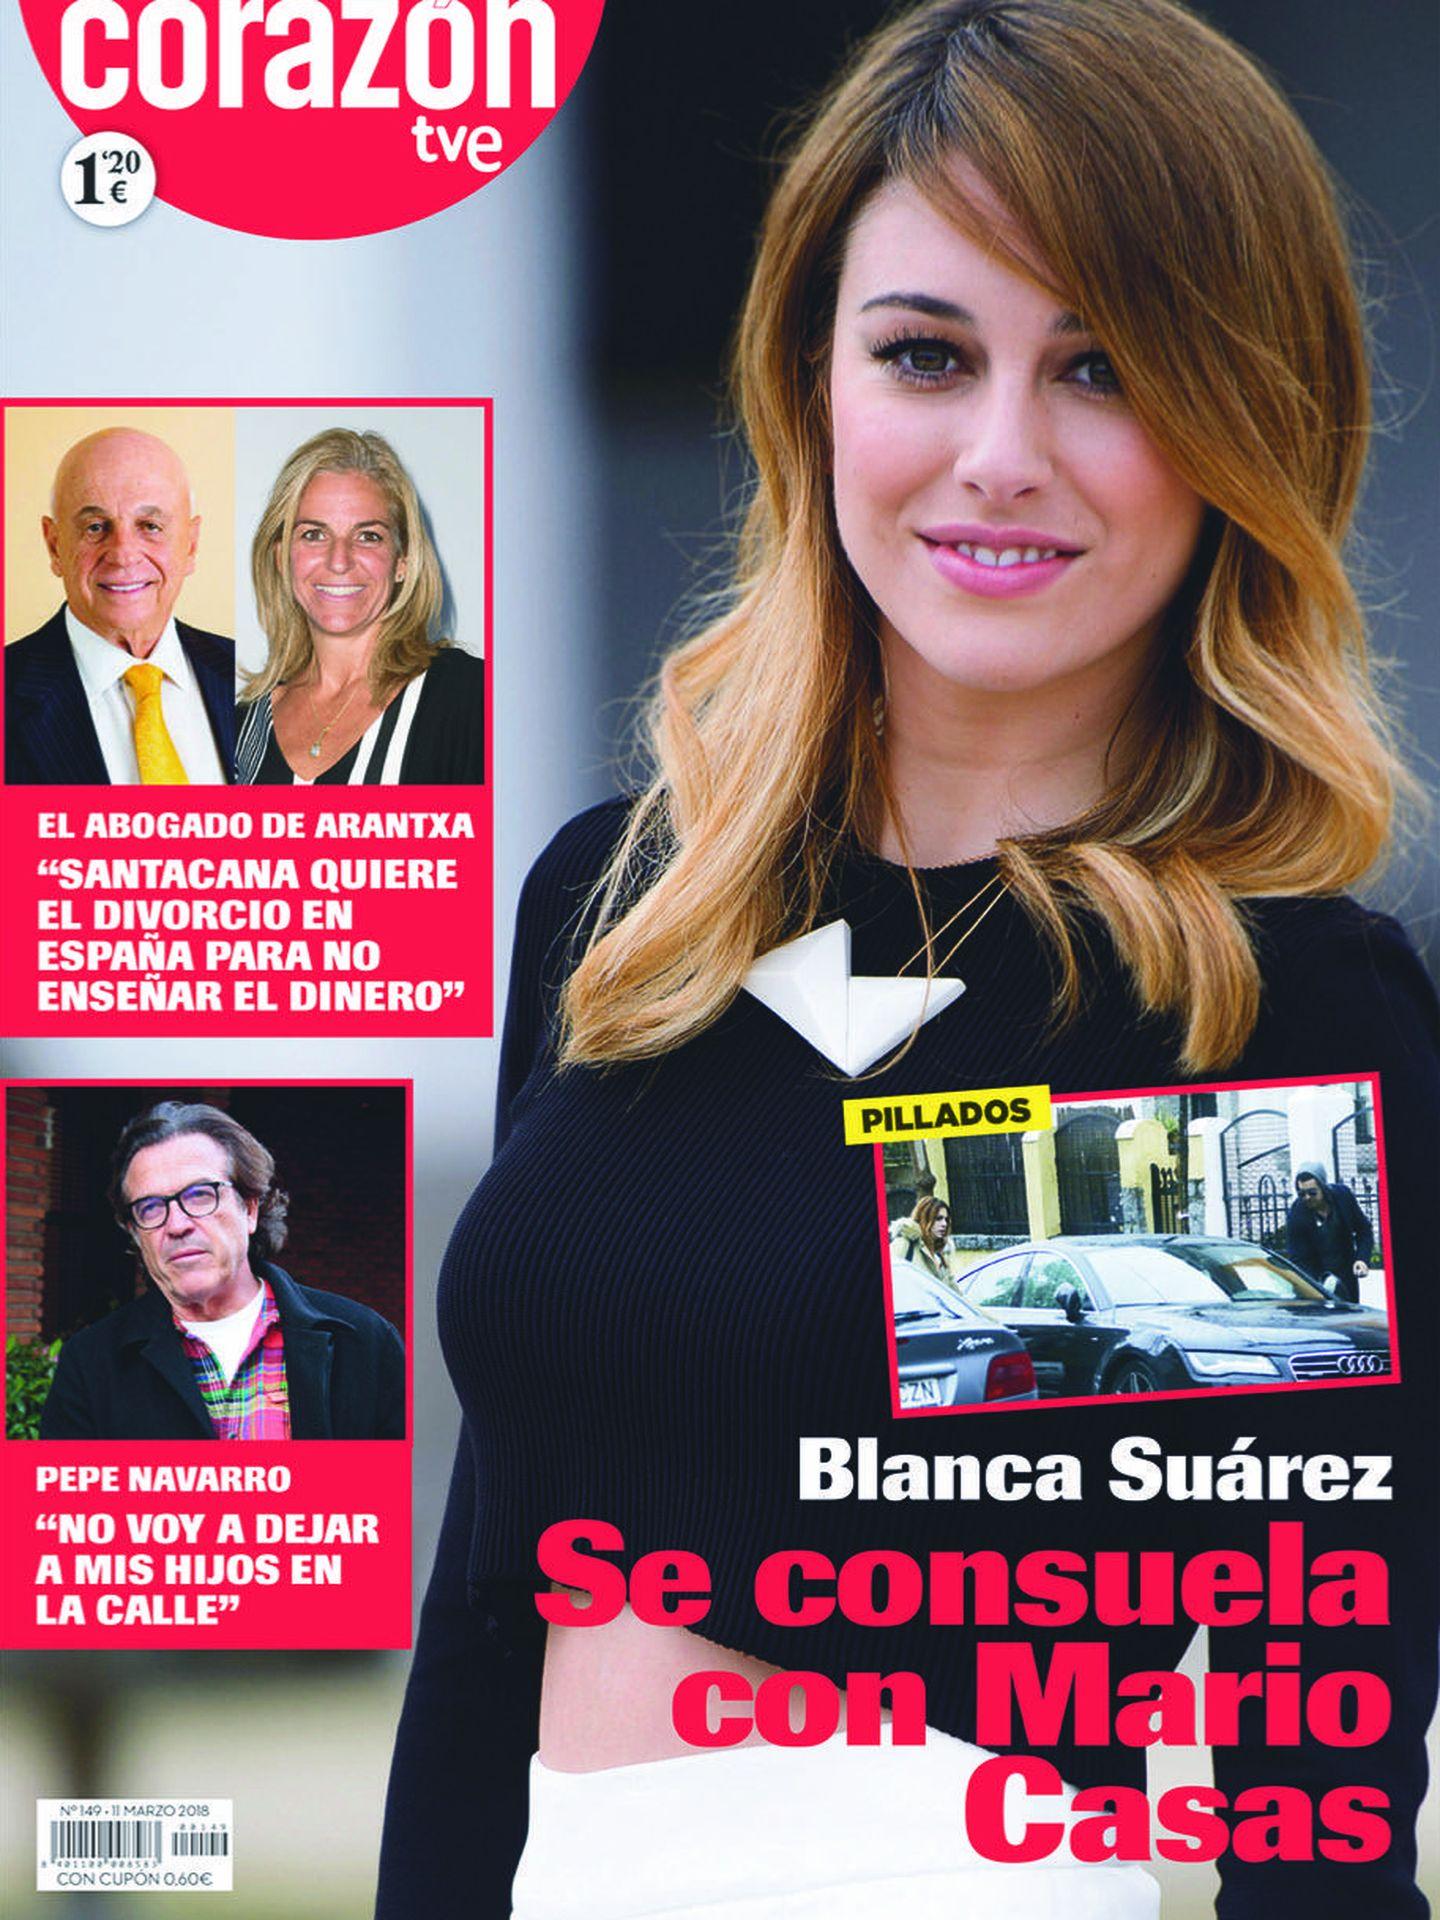 Portada de la revista 'Corazón, TVE'.